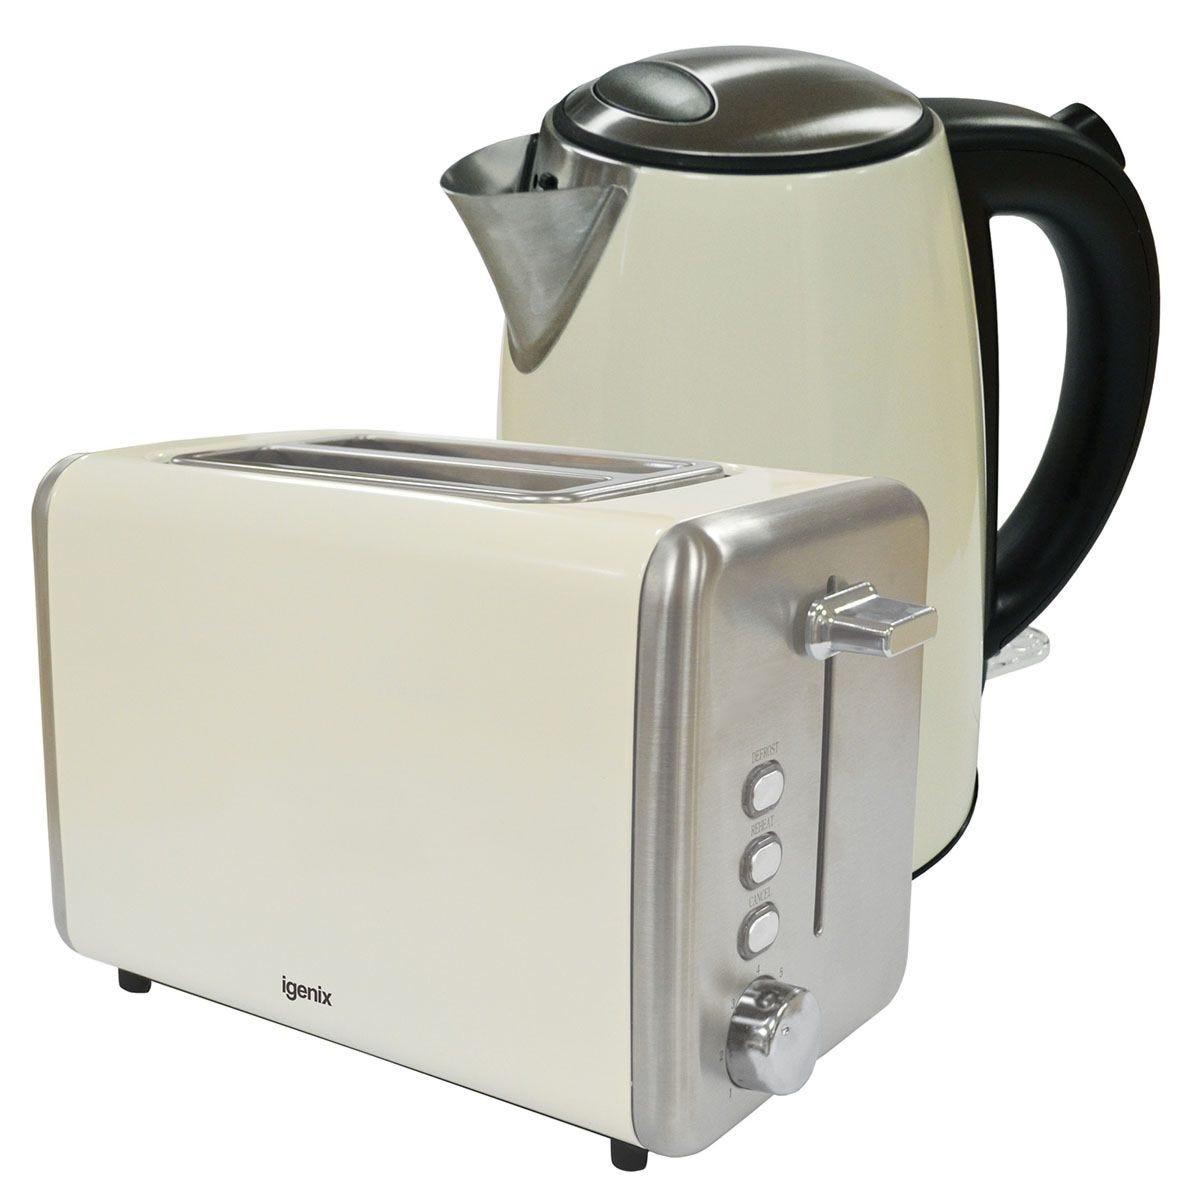 Igenix 1.7L Stainless Steel Kettle & 2-Slice Toaster - Cream